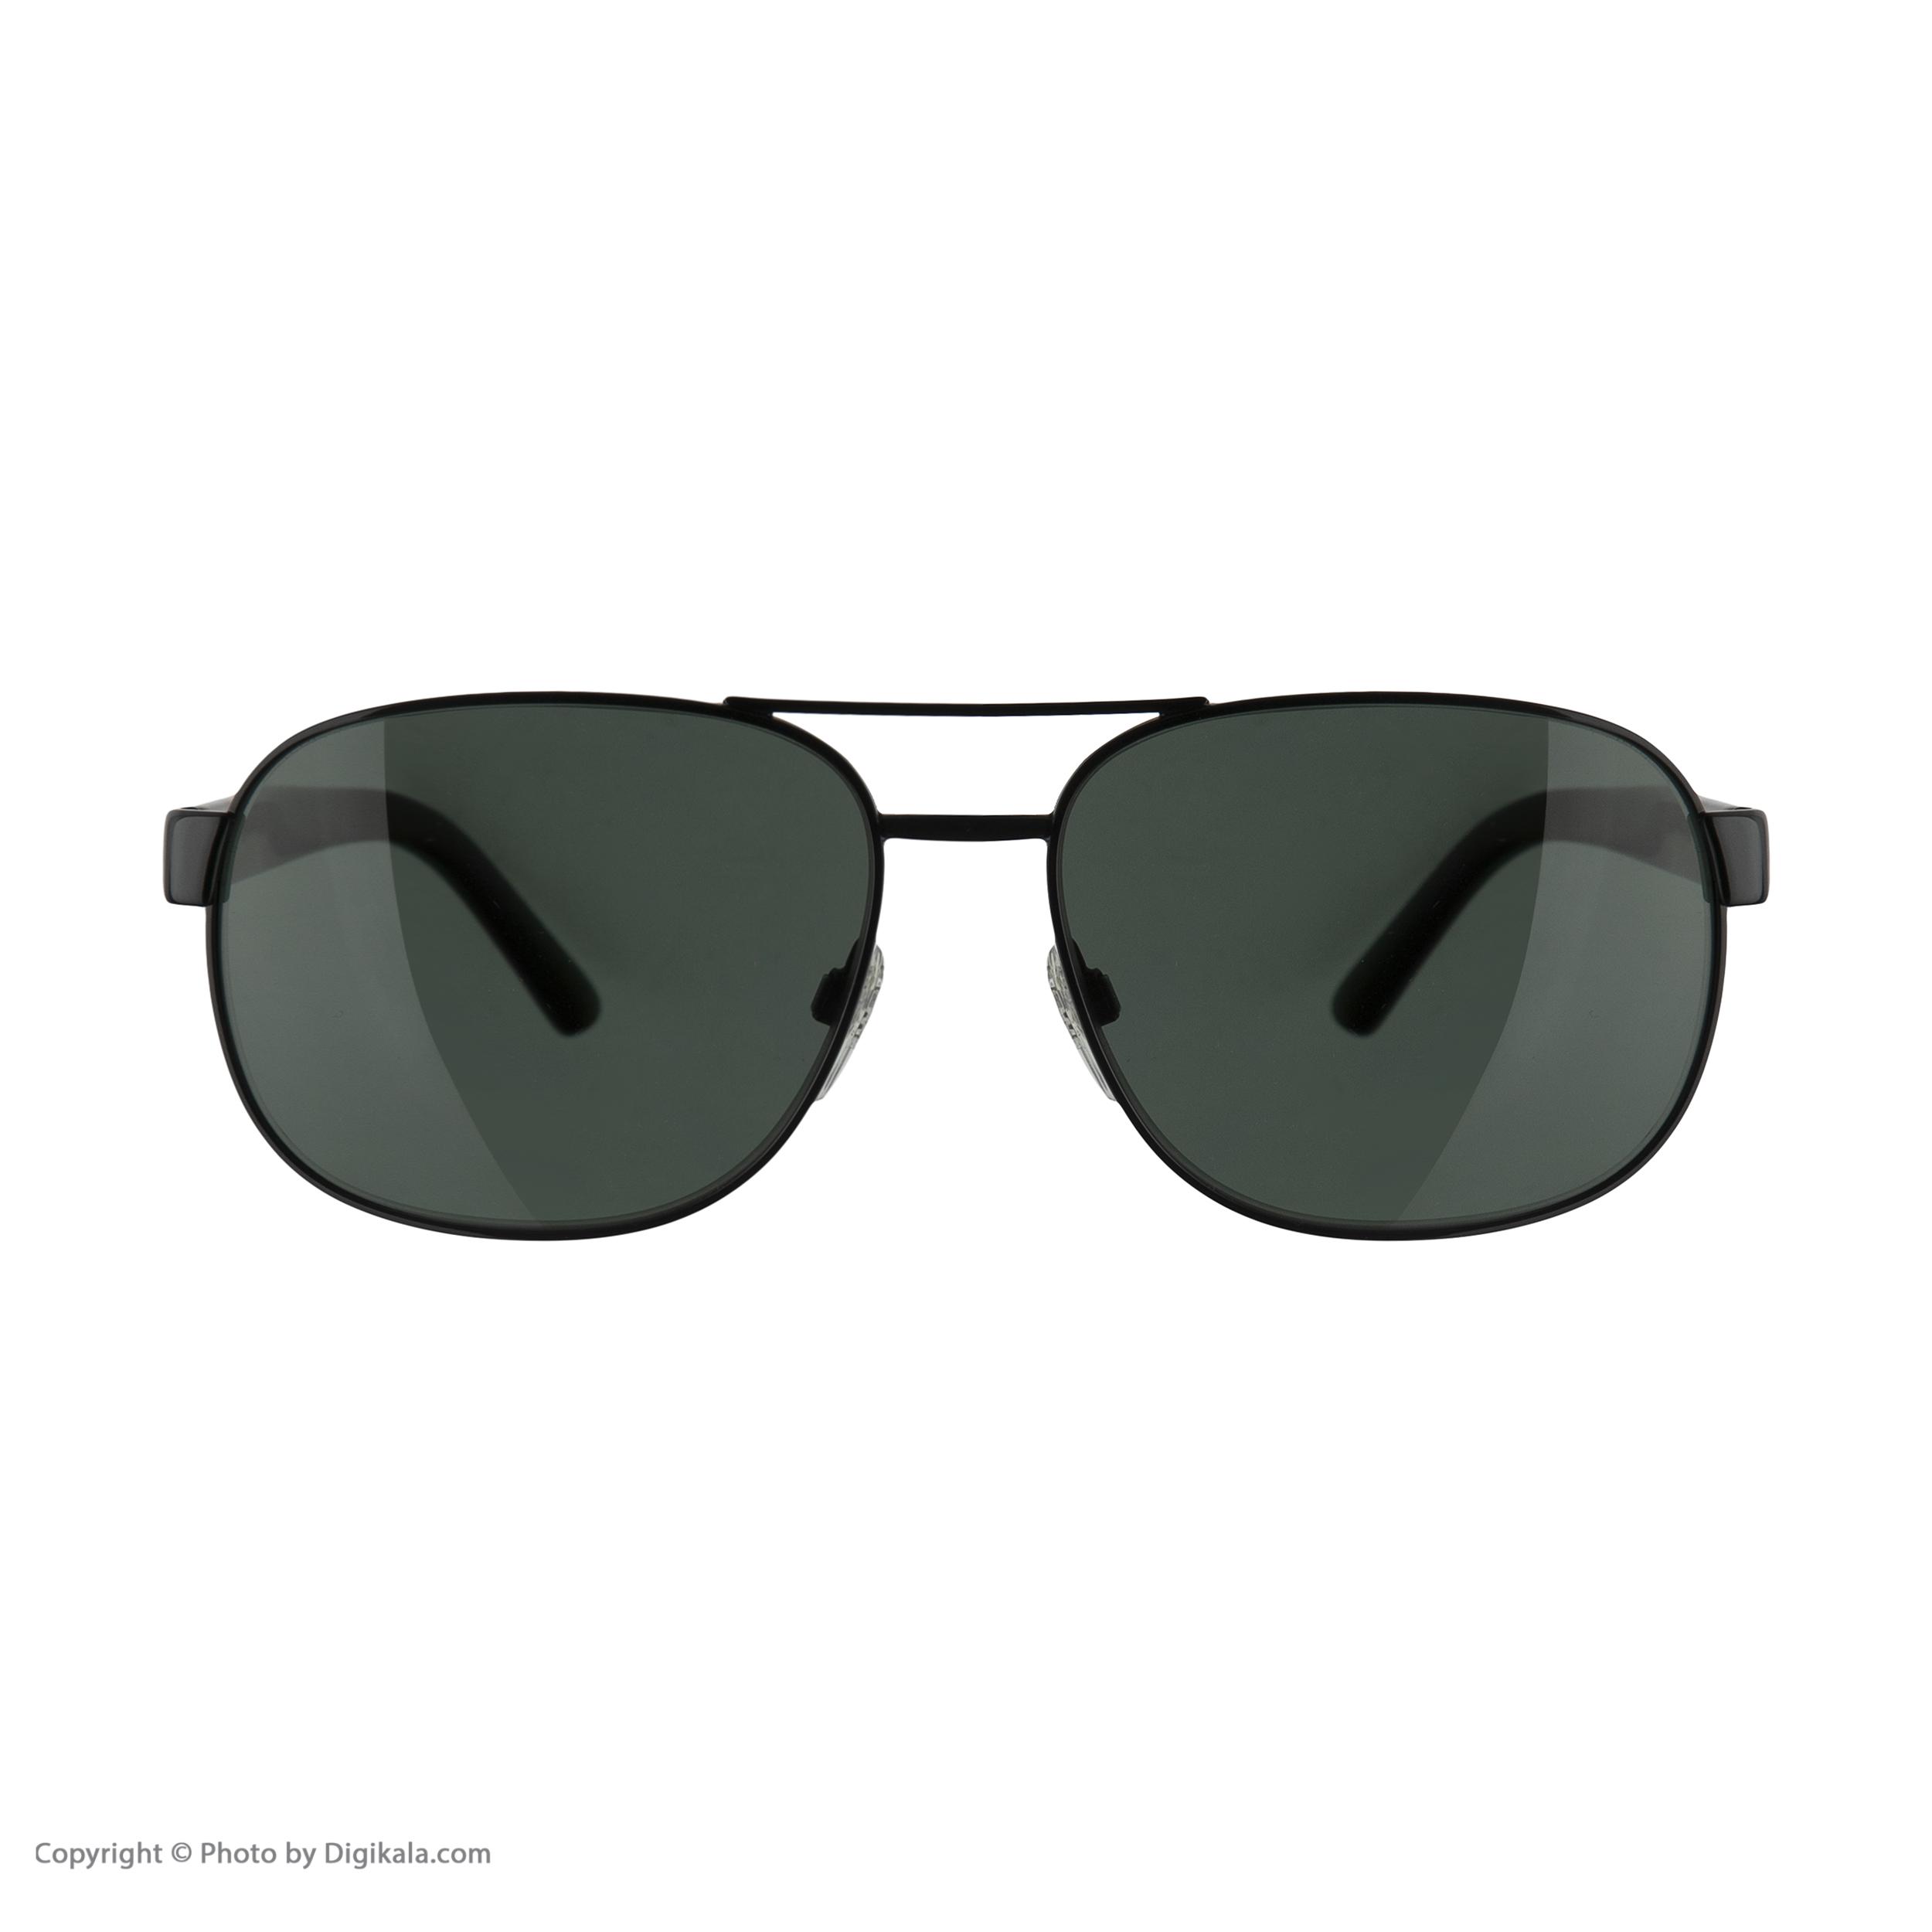 عینک آفتابی زنانه بربری مدل BE 3083S 10015U 59 -  - 3